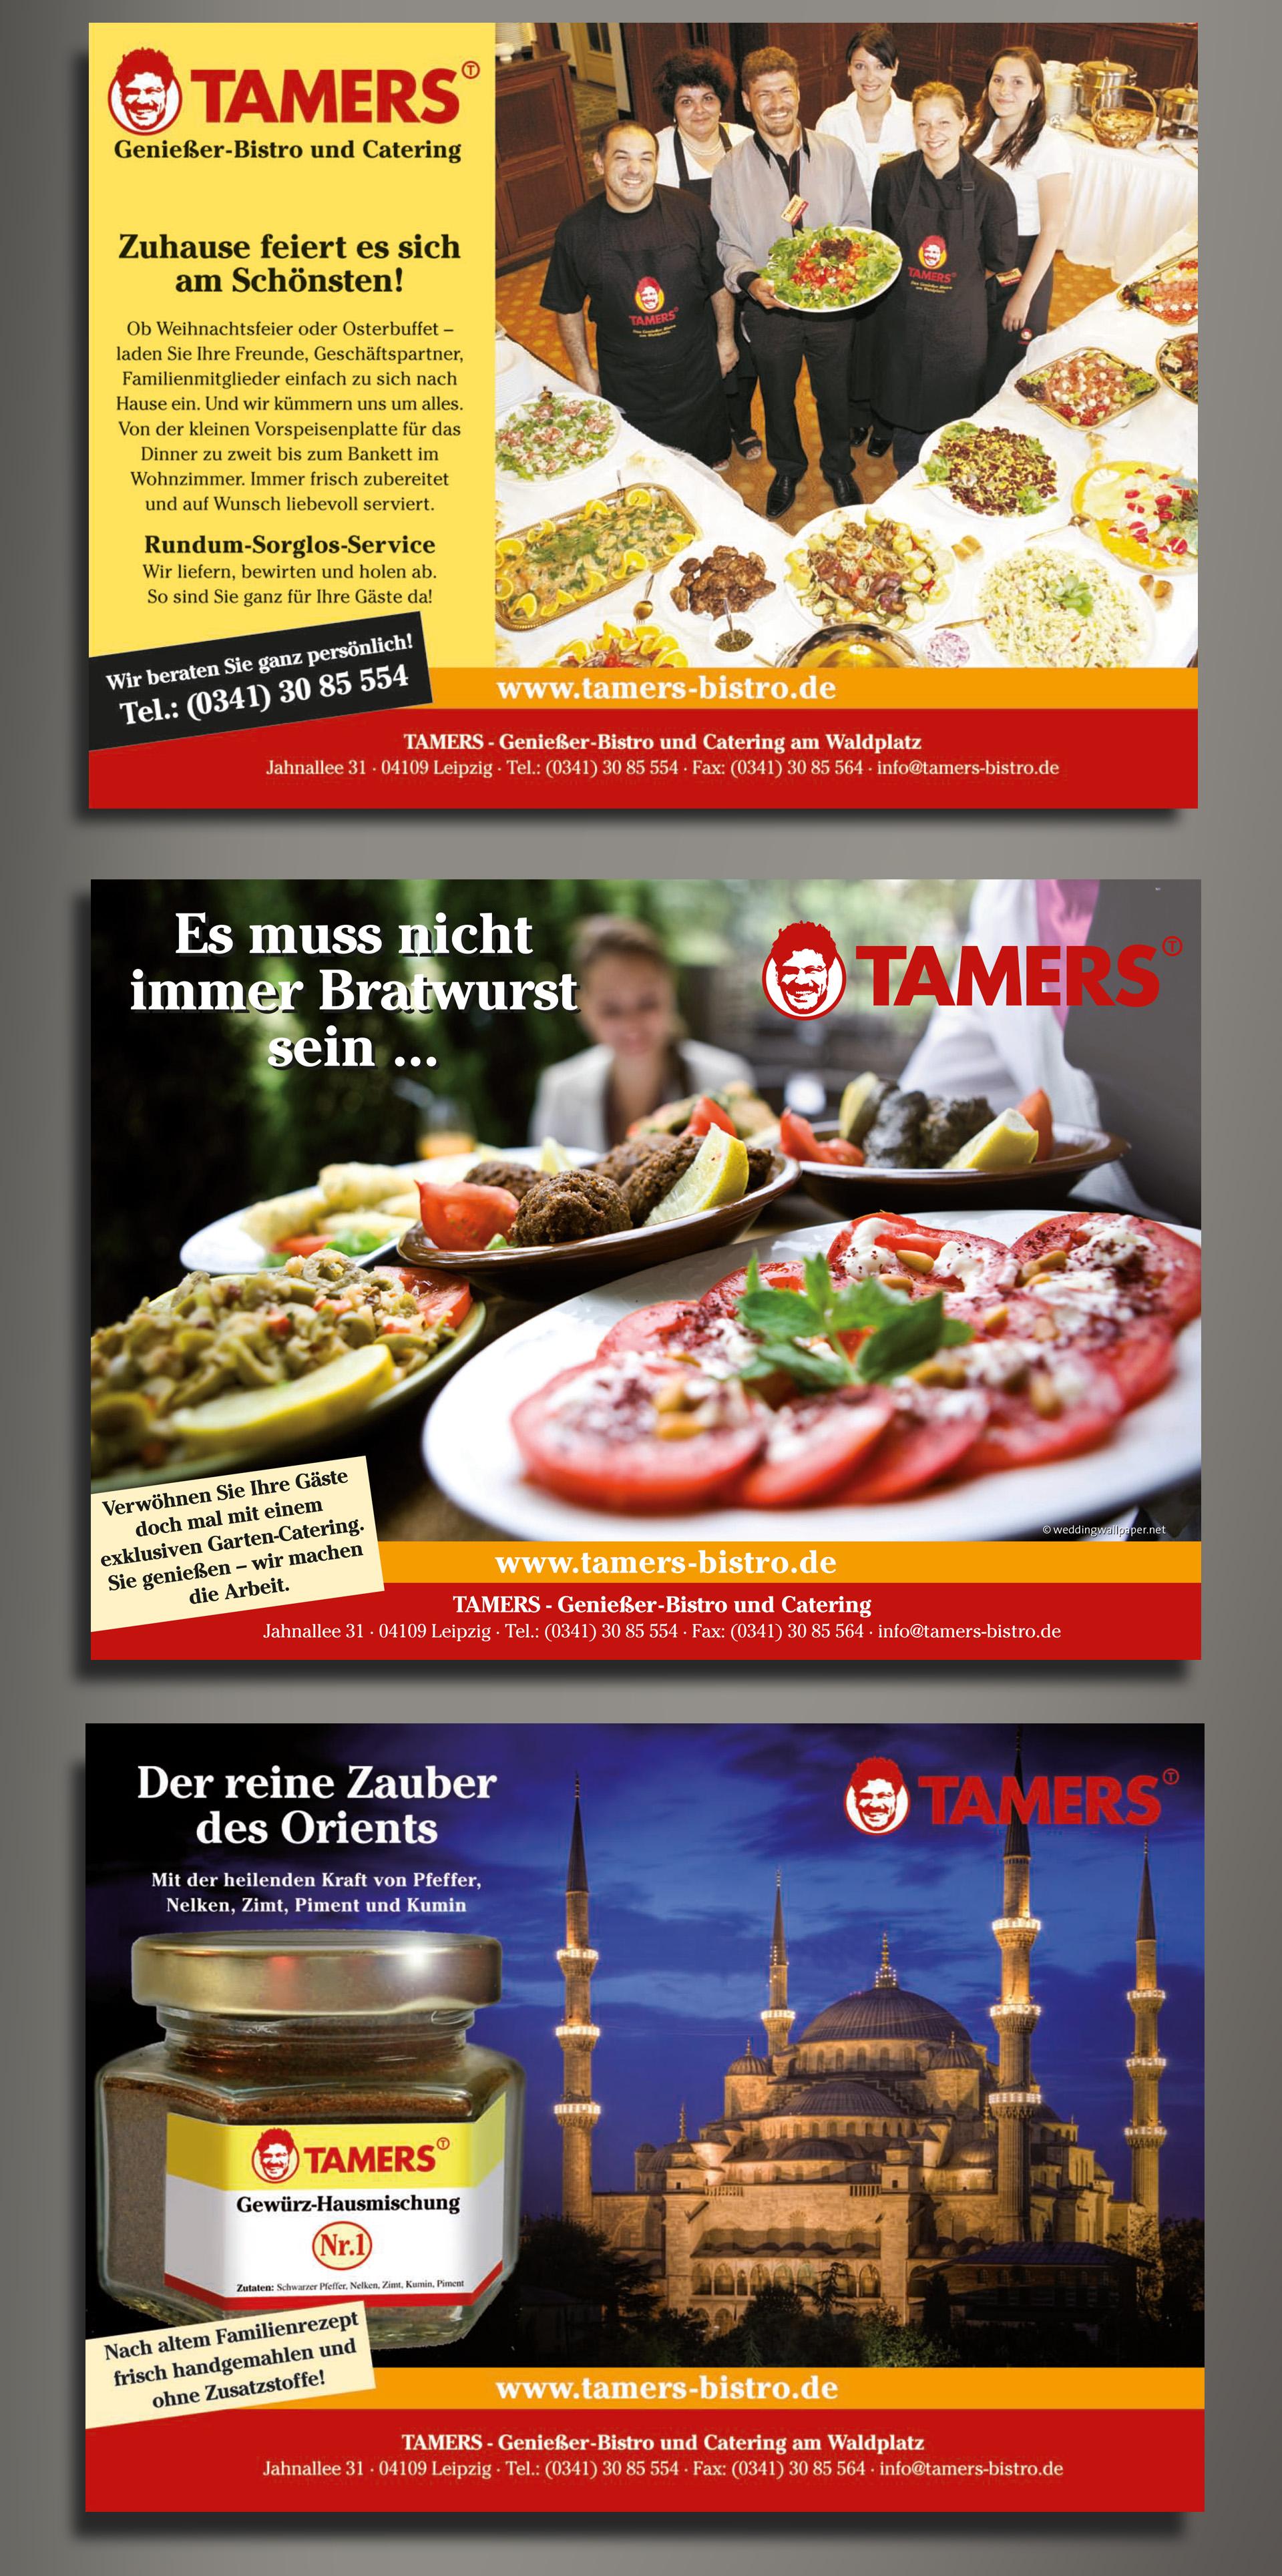 Anzeigenkampagne Tamers Bistro & Catering